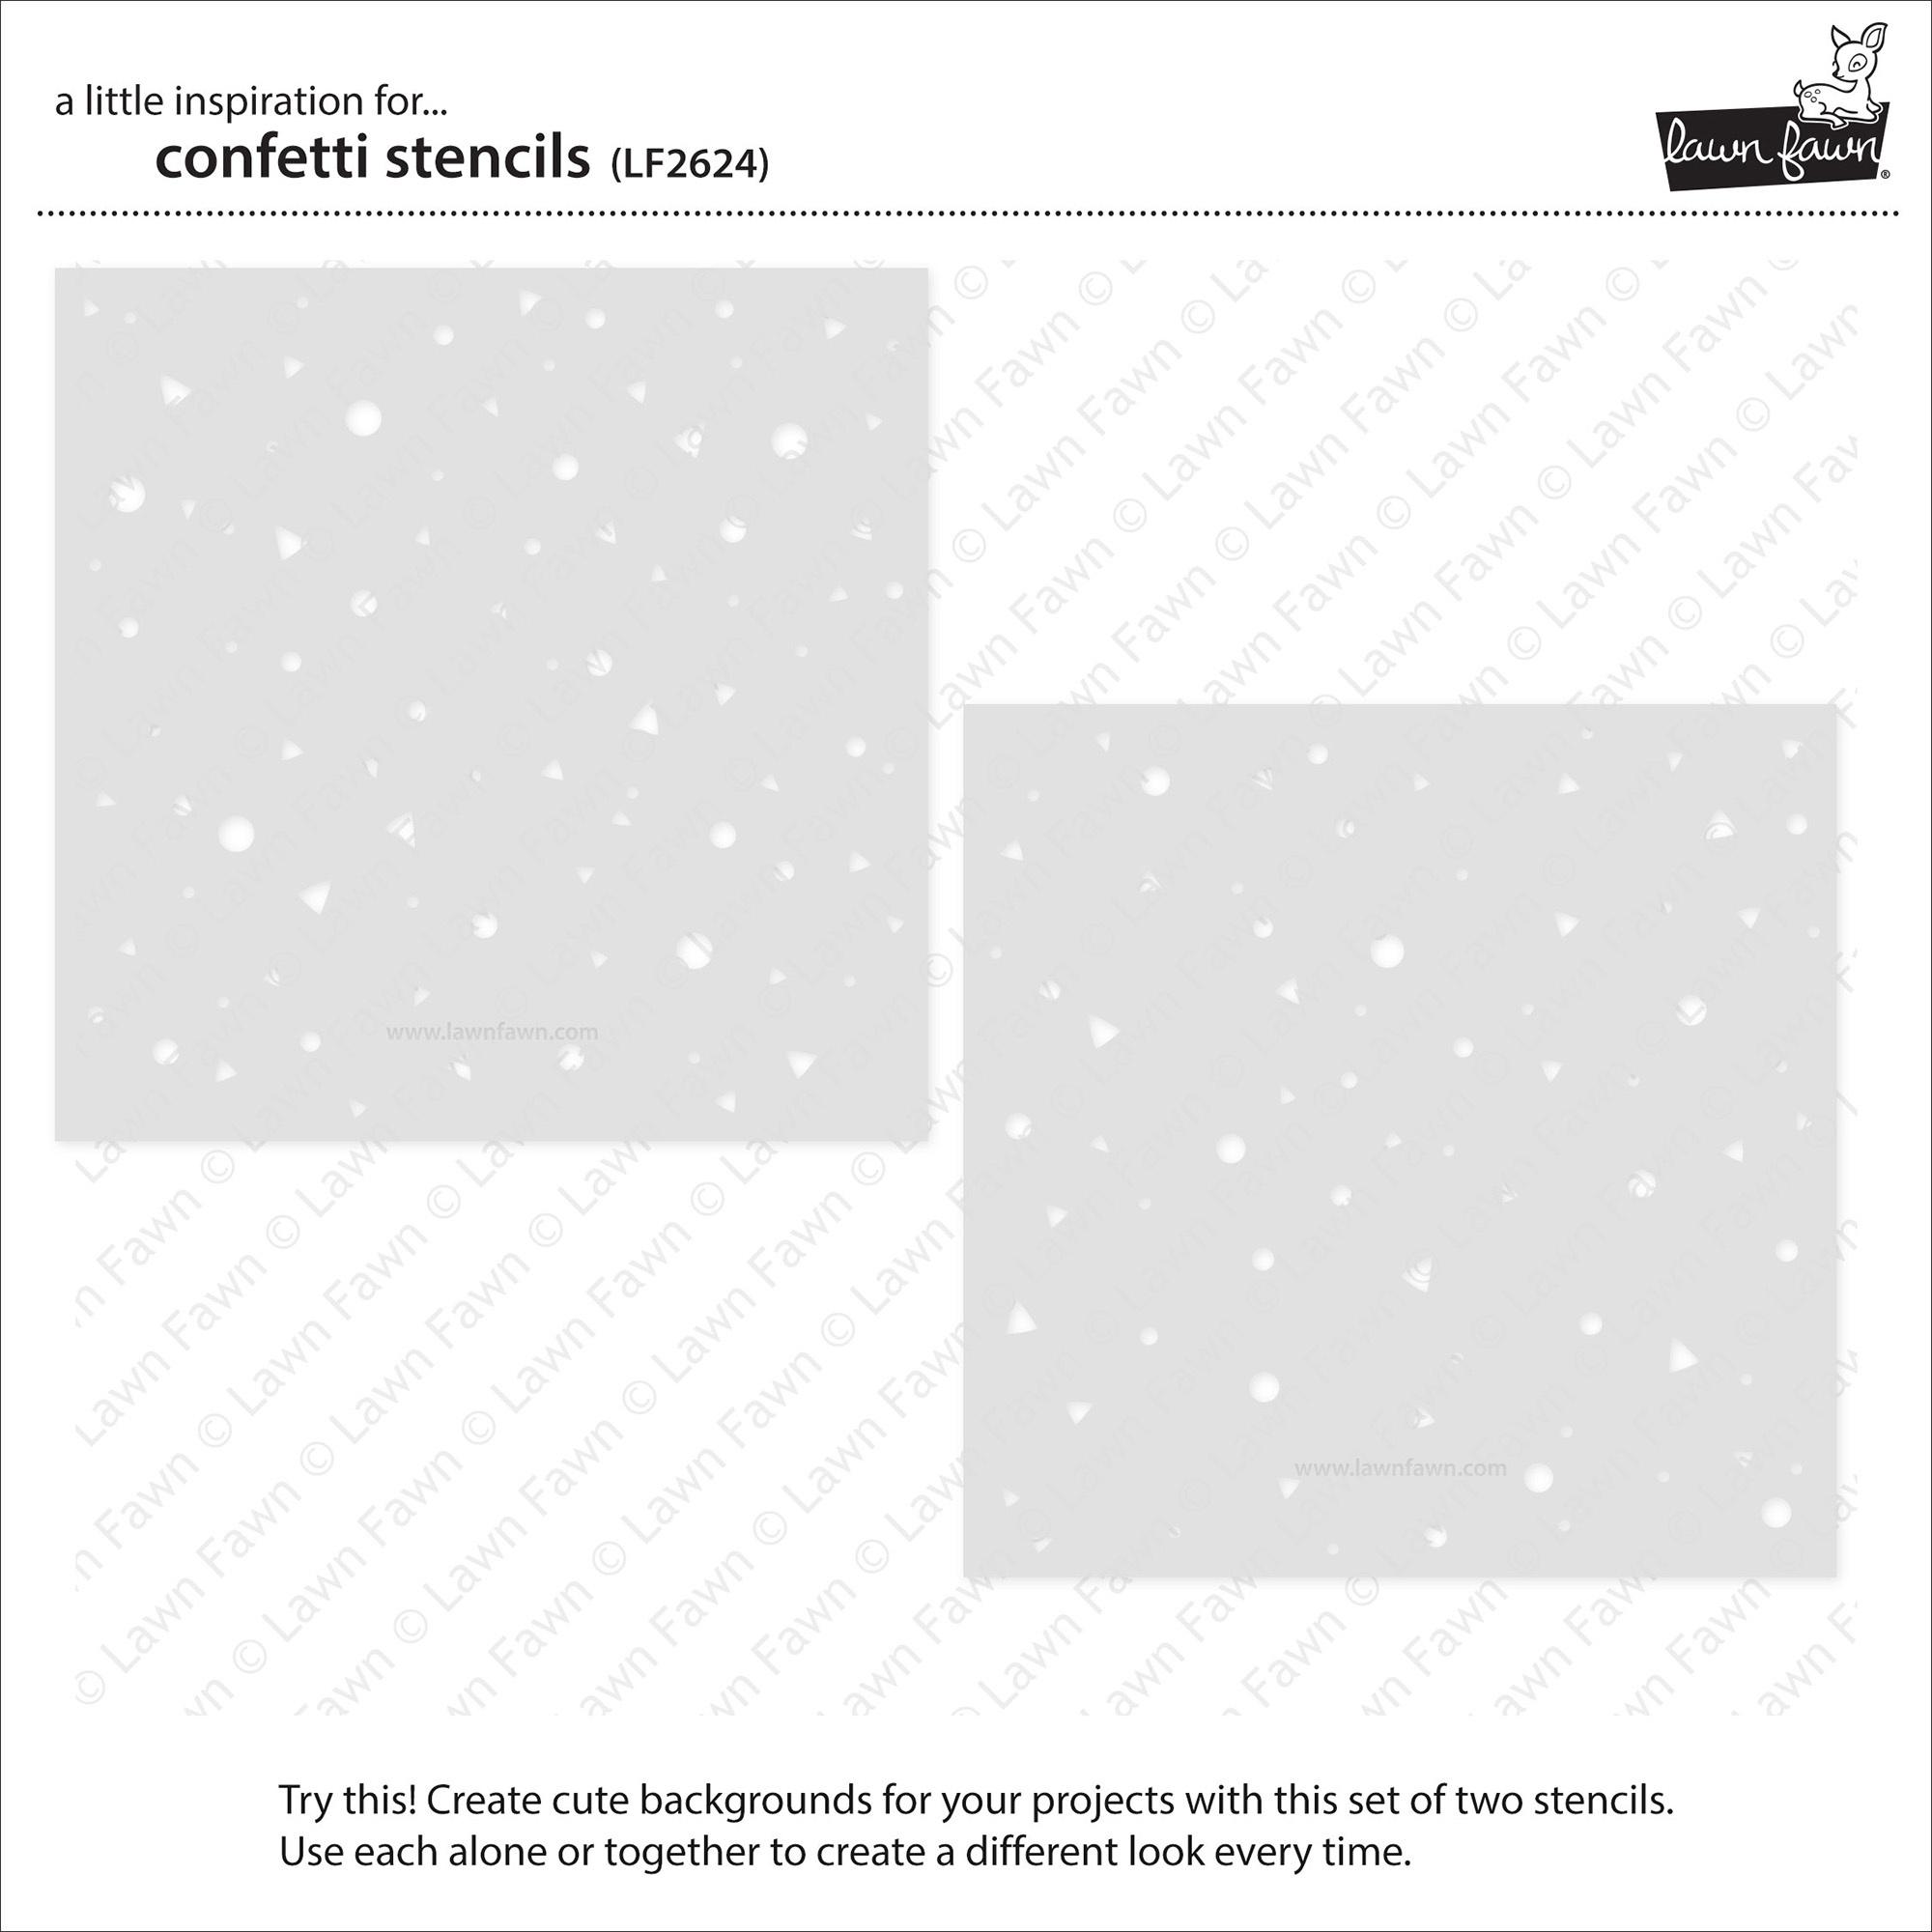 Lawn Clippings Stencils-Confetti